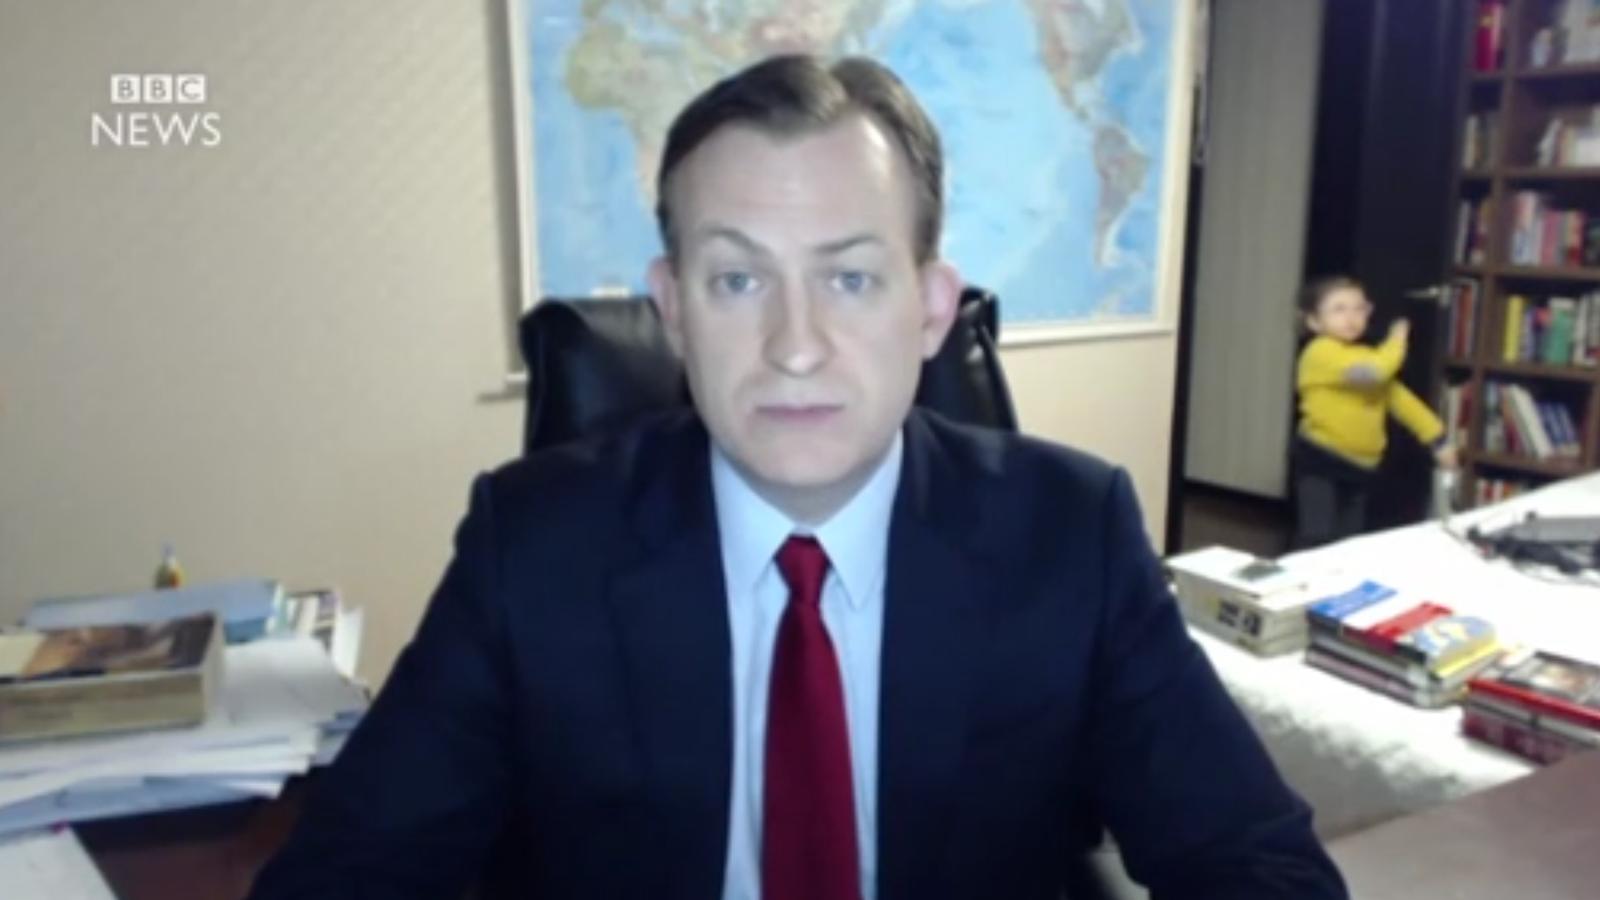 Interrupció sobtada en una entrevista en directe de la BBC